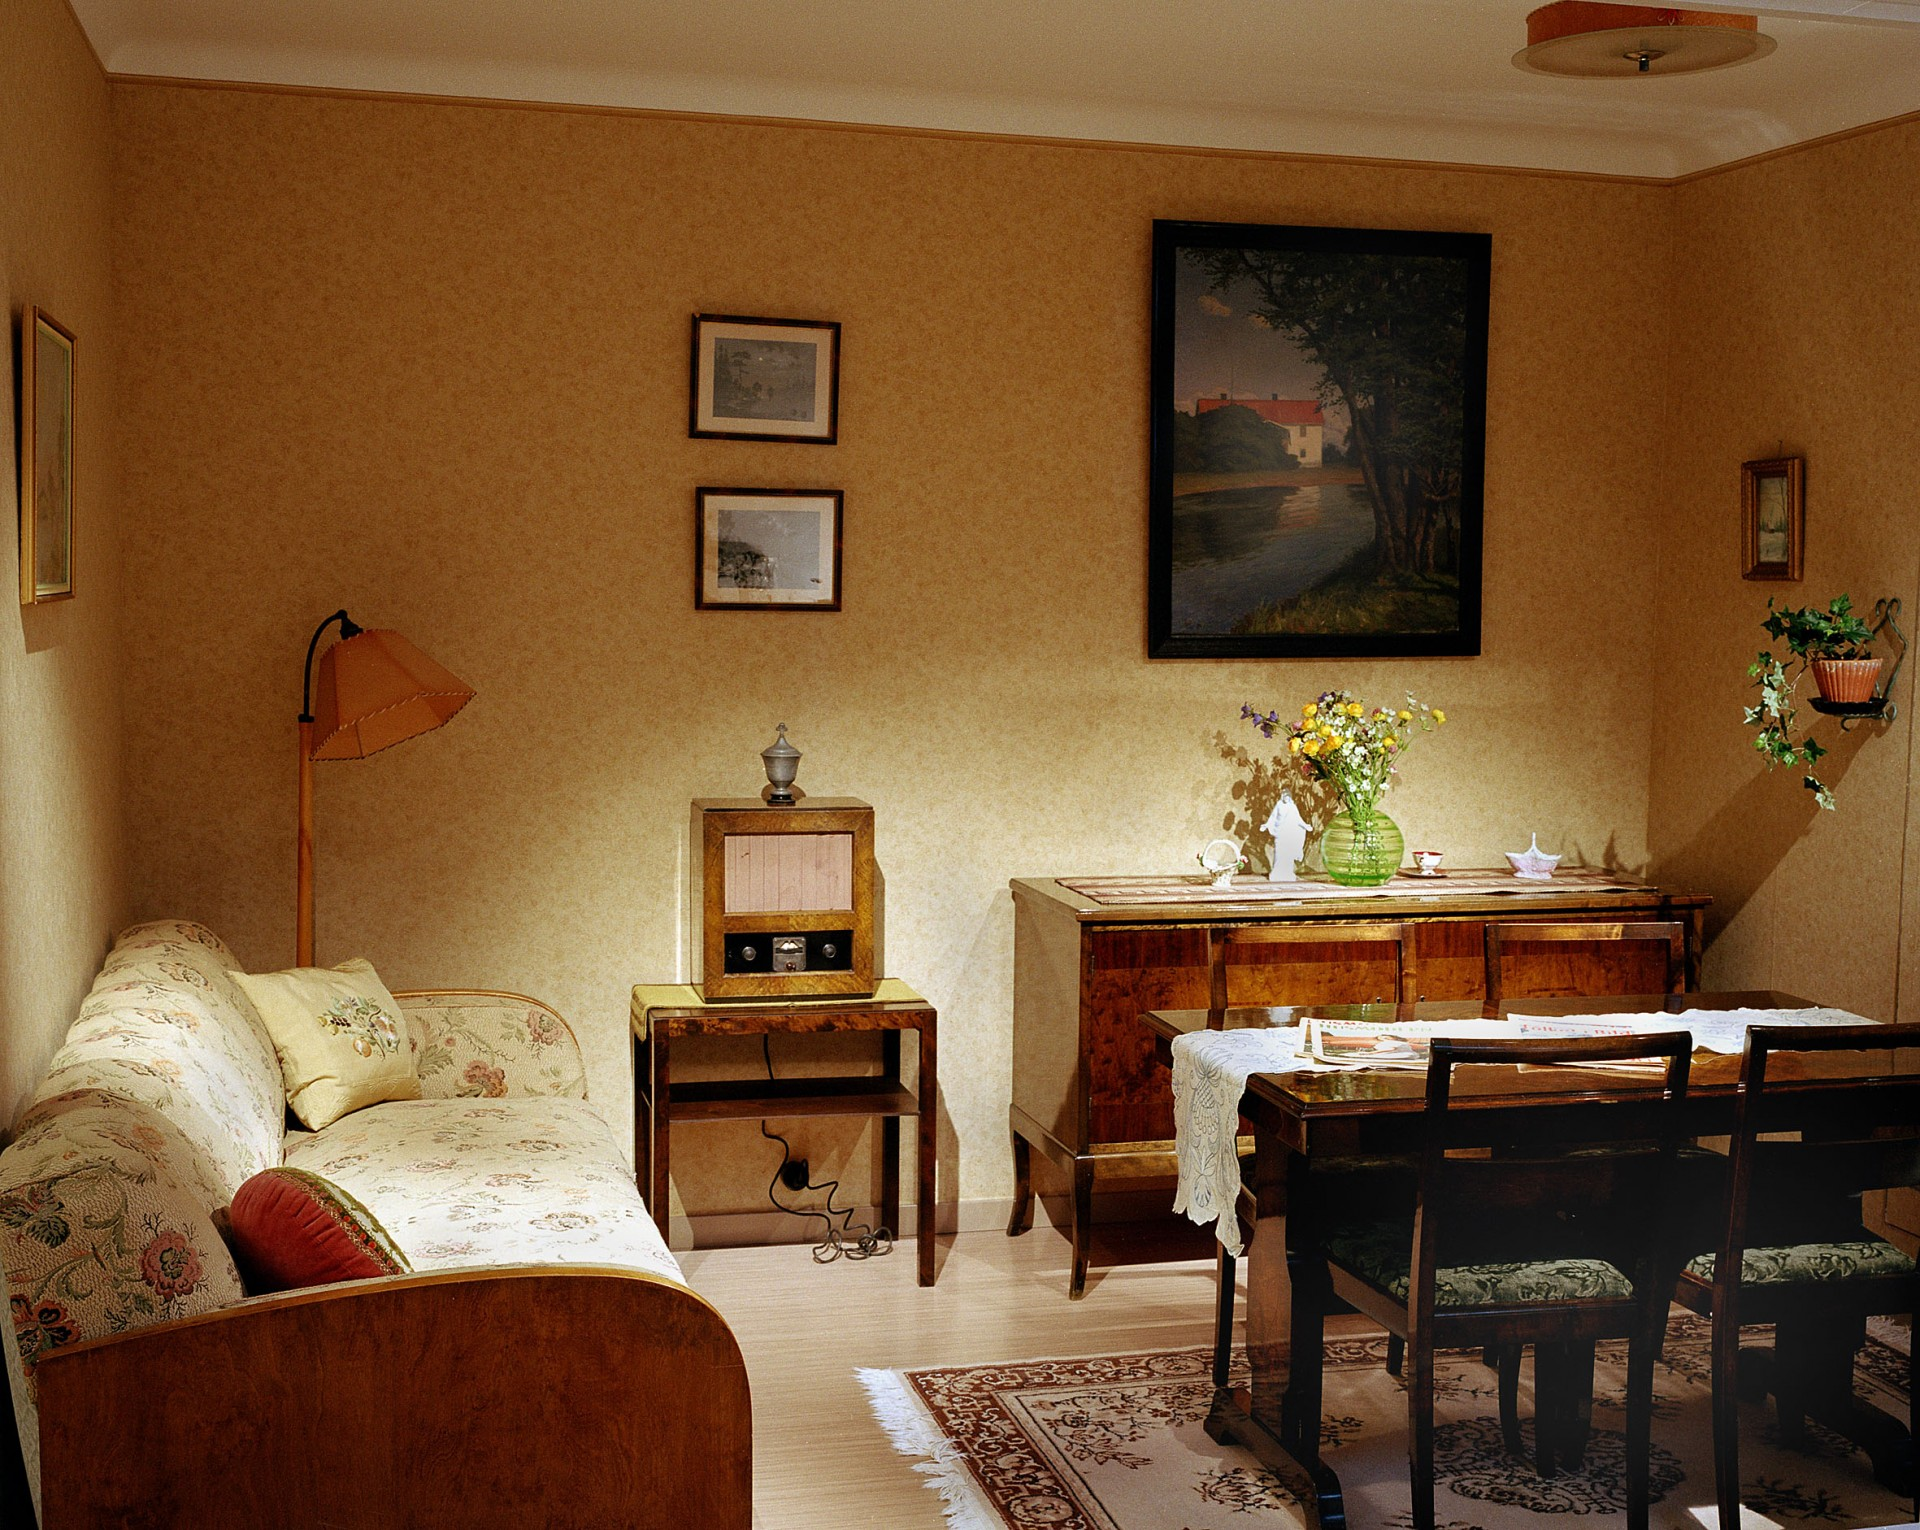 Interiör i utställningen. Del av ett vardagsrum eller finrum i en lägenhet i ett flerfamiljshus från 1939. Foto: Peter Segemark/ Nordiska museet.